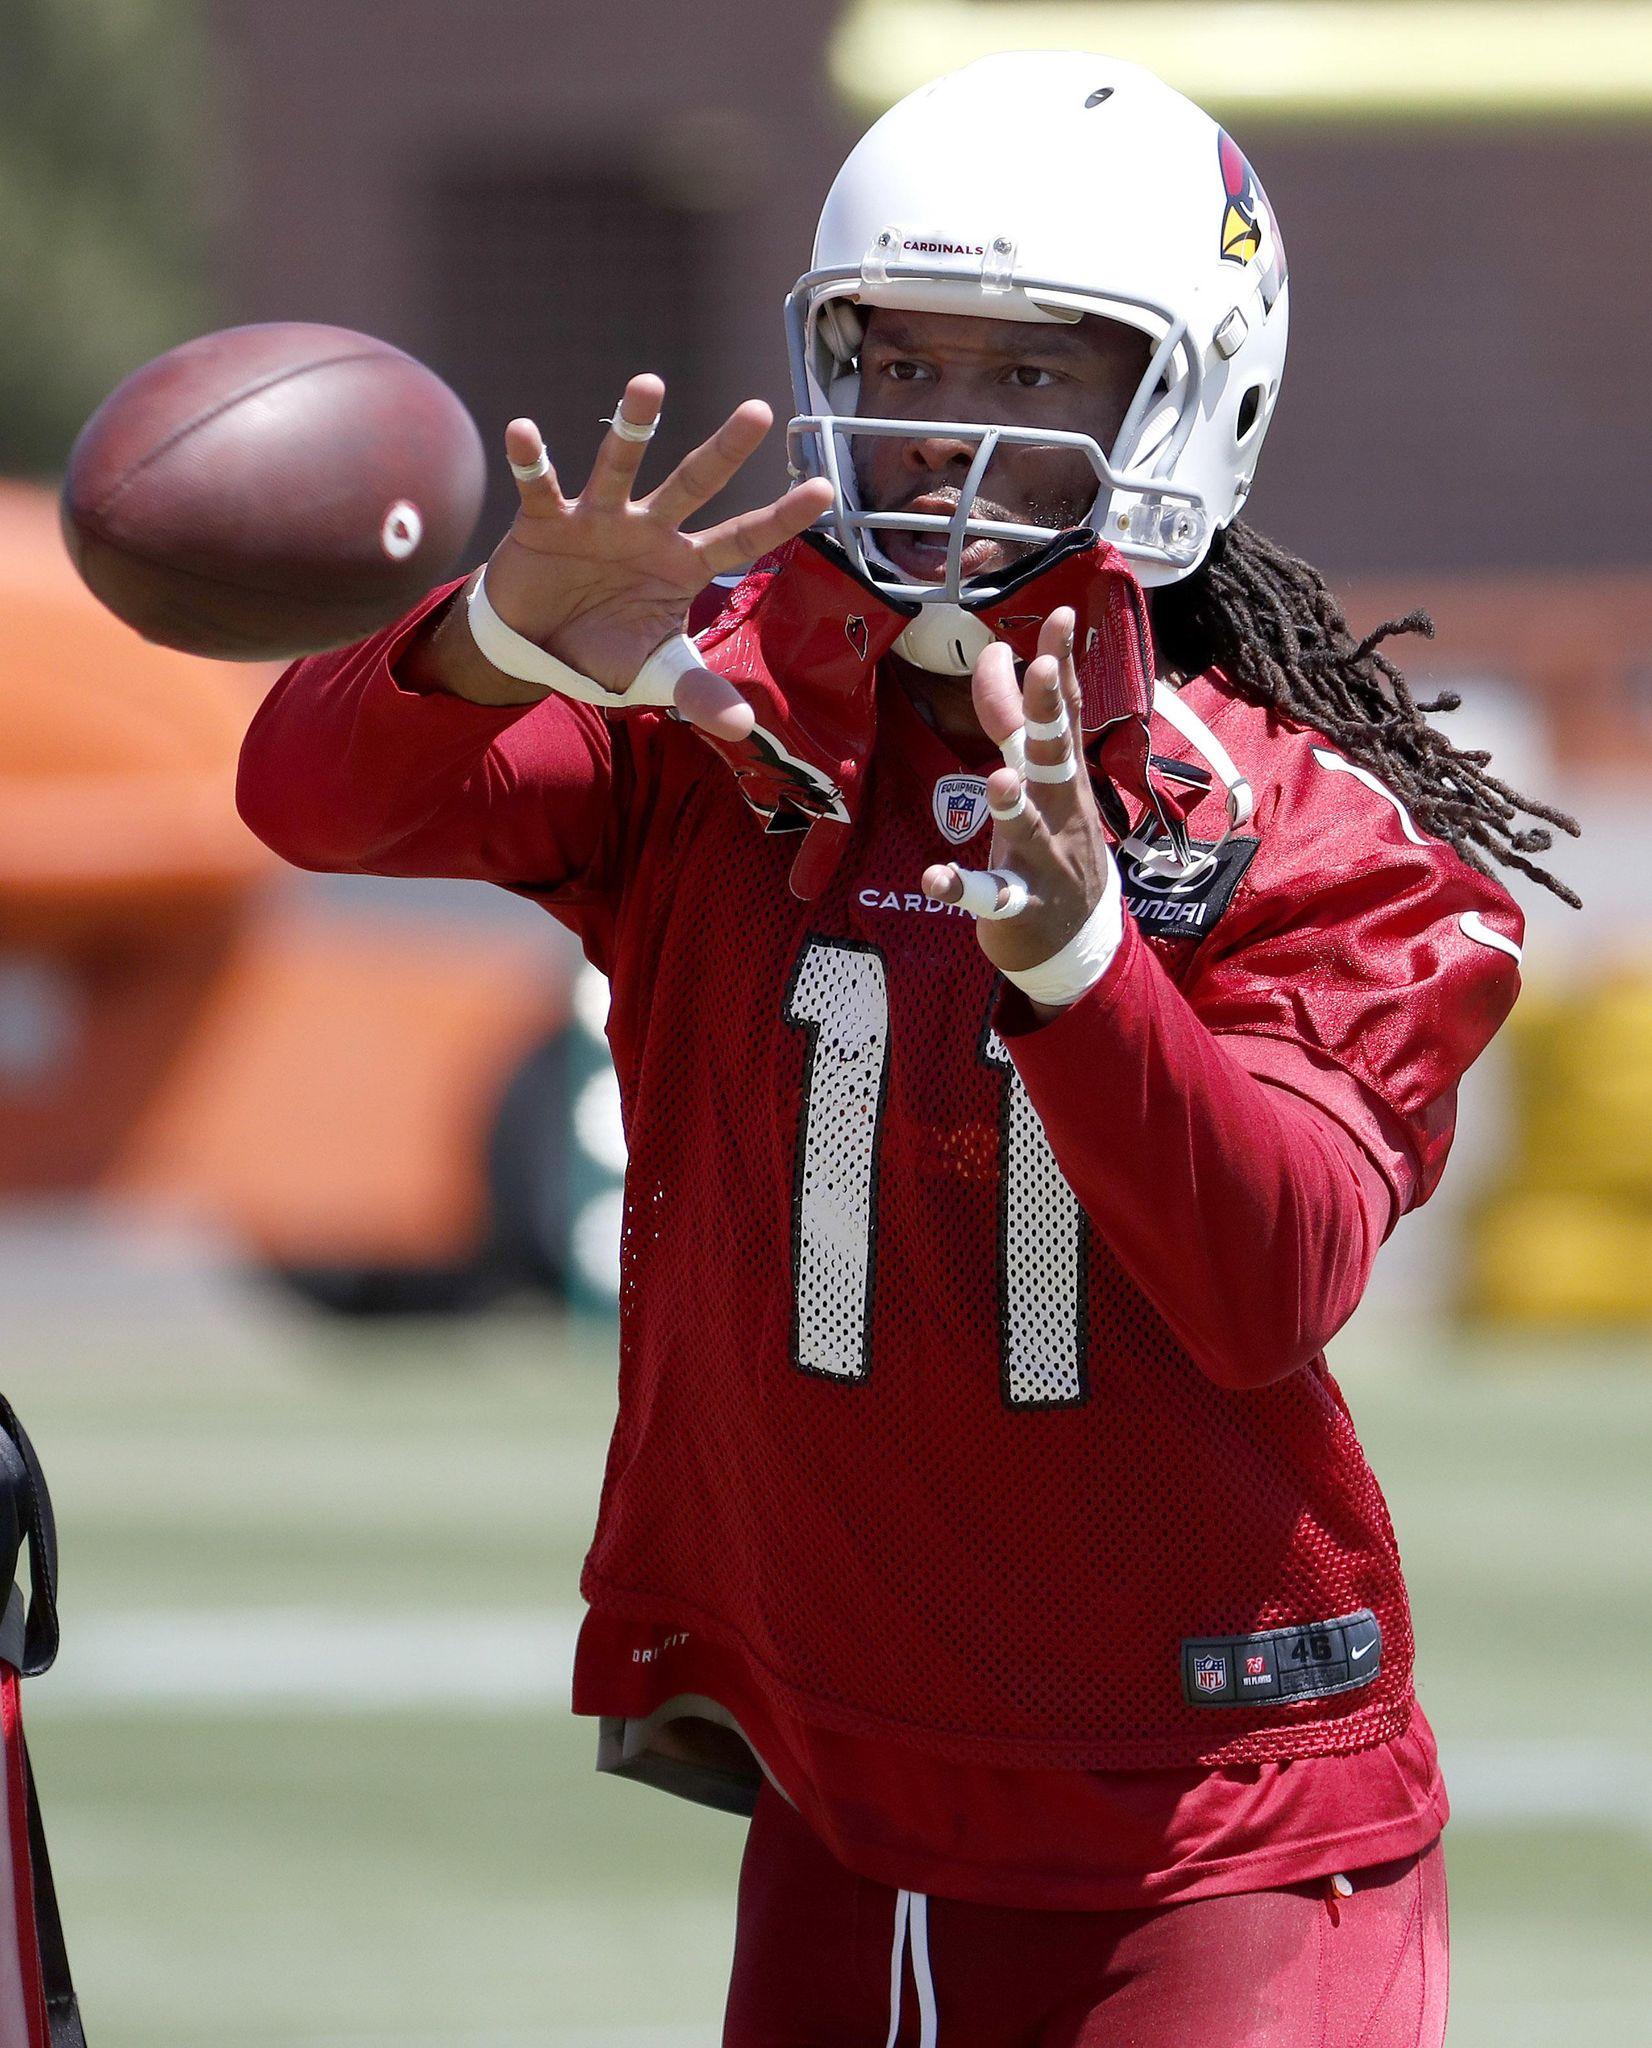 Cardinals_football_55098_s1652x2048